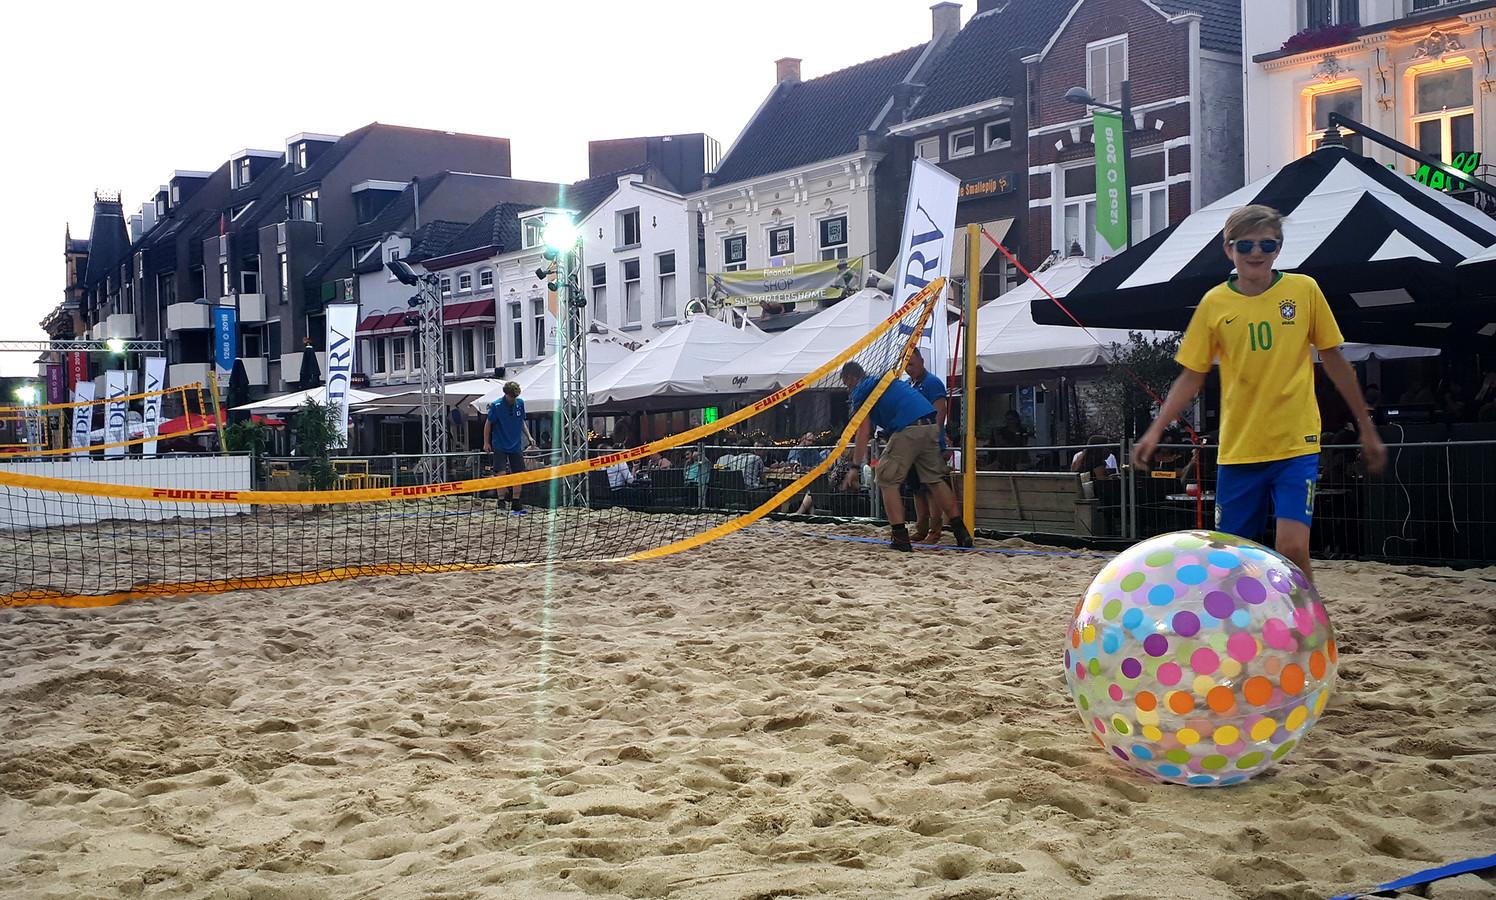 Laatste handelingen aan de volleybal netten worden woensdagavond op de Markt in Roosendaal uitgevoerd. Foto Alfred de Bruin